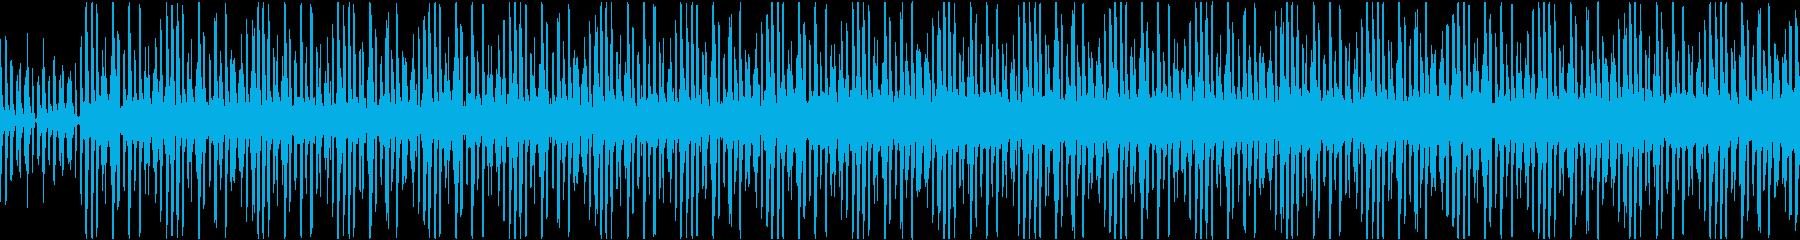 ゲームのメニュー画面等 シンプルなループの再生済みの波形